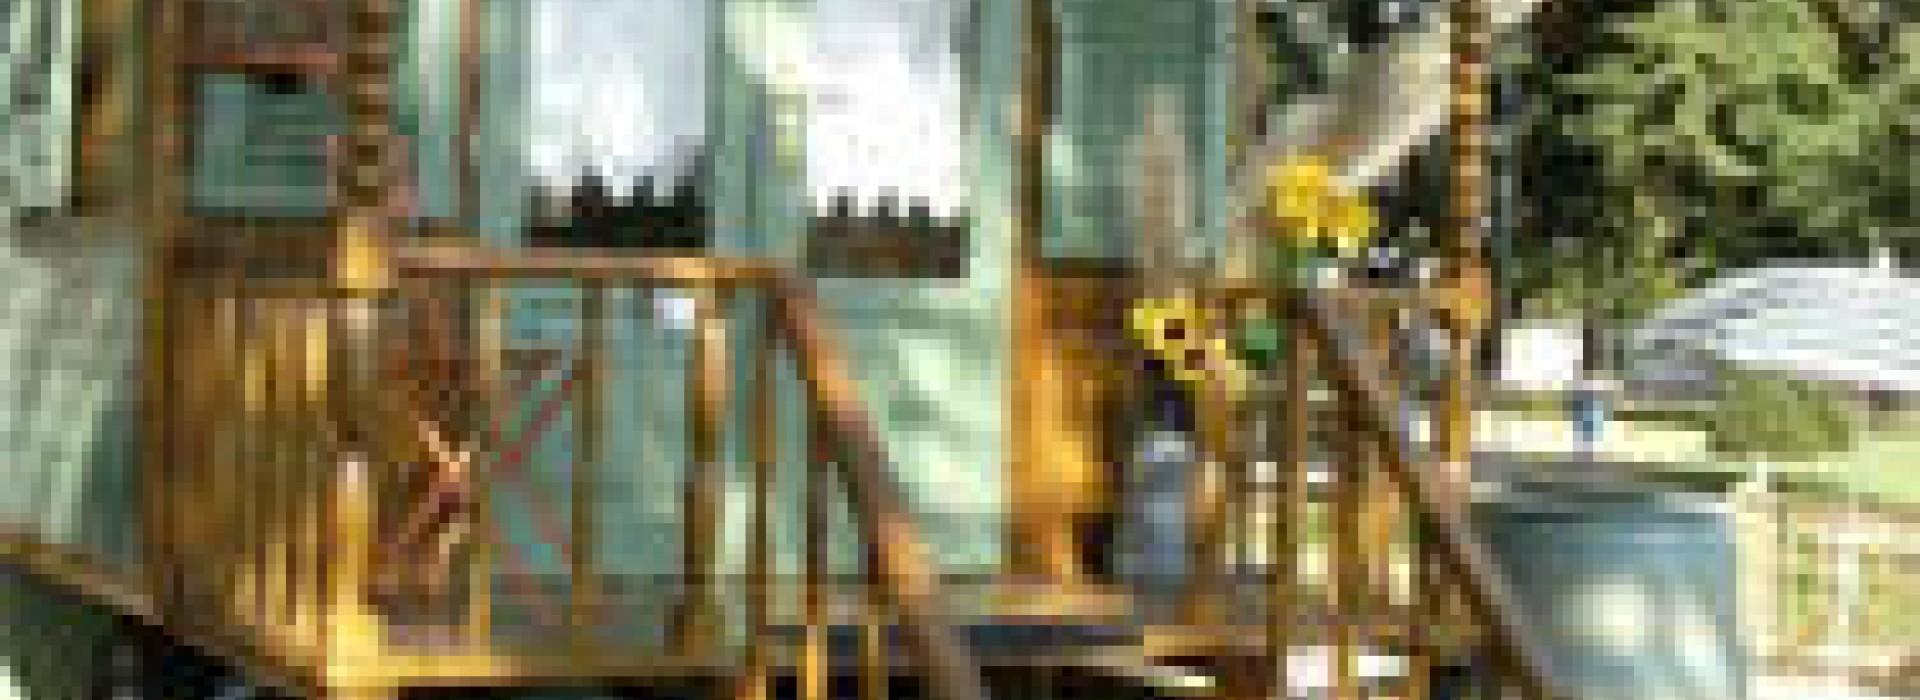 Couleur De Pierre Chalonnes Sur Loire hebergement insolite la roulotte de lamane- couleur boheme